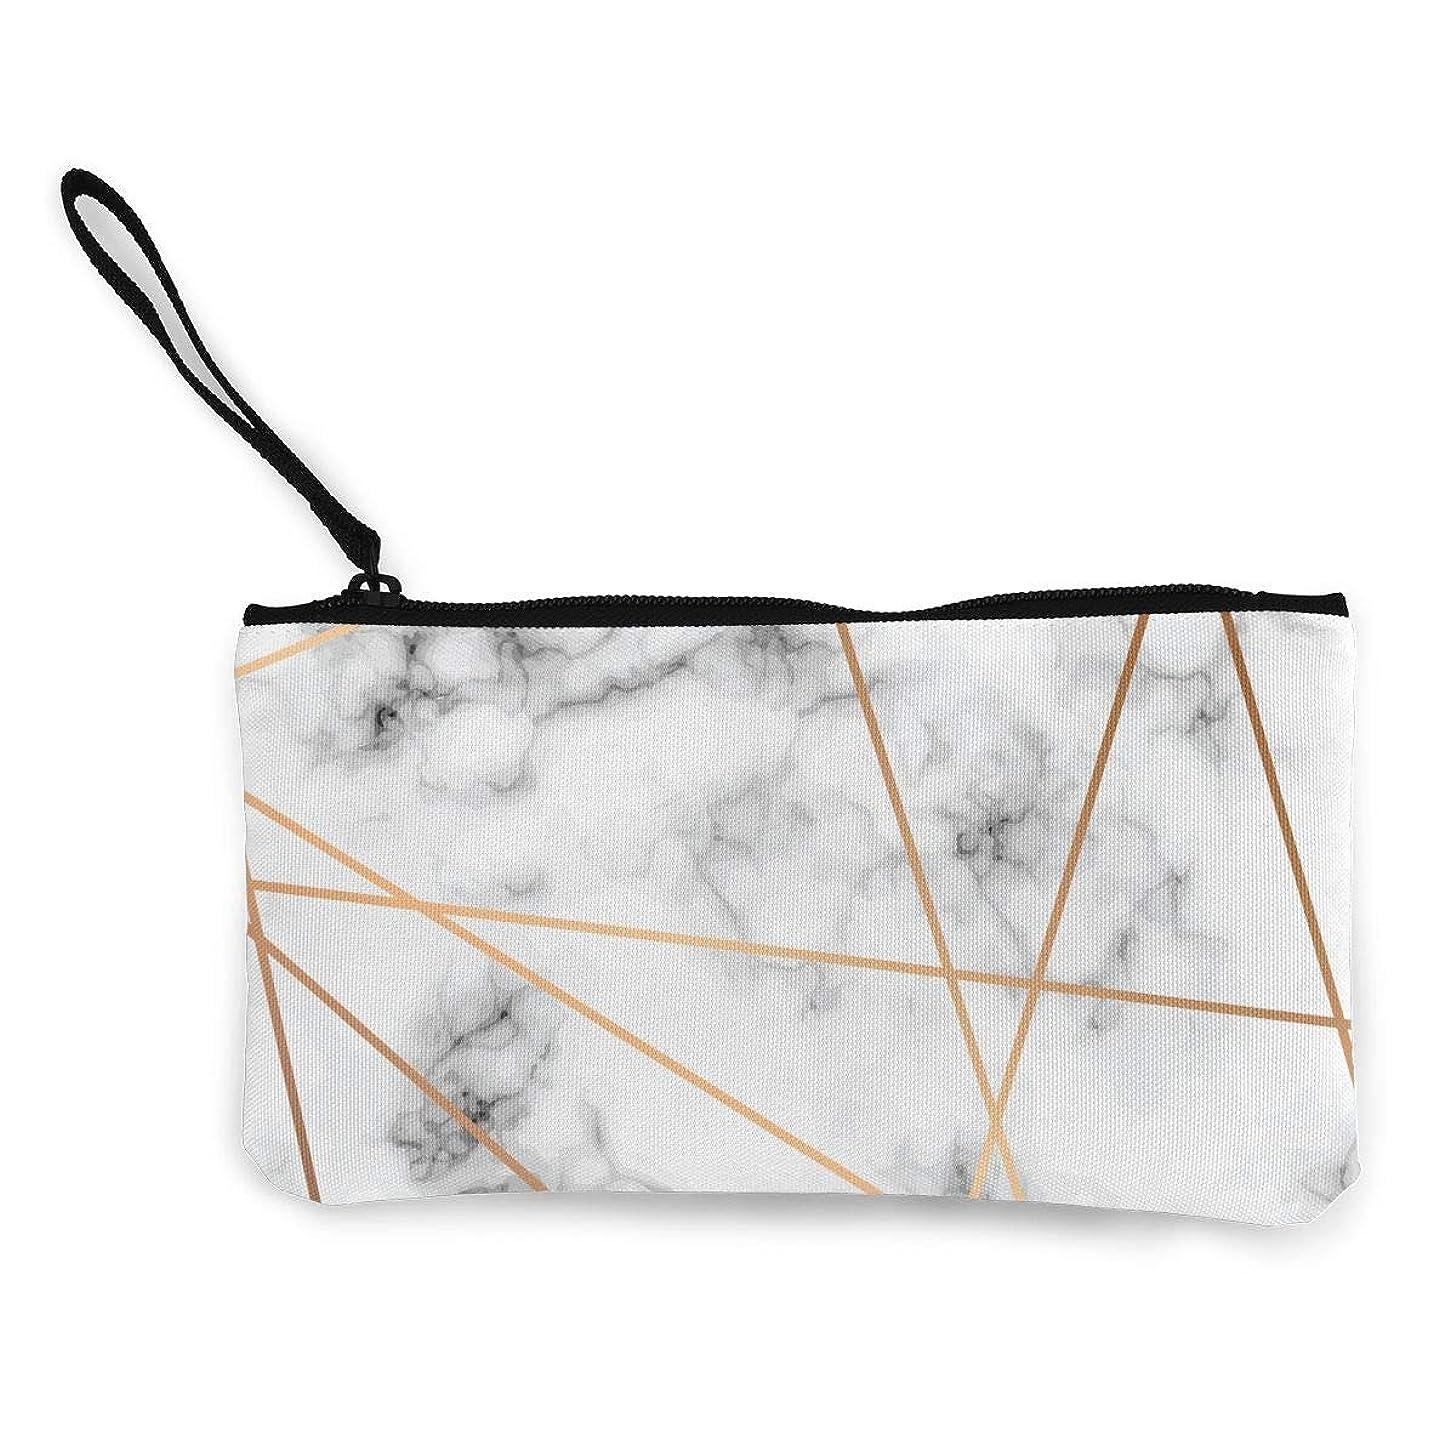 ふくろう原始的な楕円形ErmiCo レディース 小銭入れ キャンバス財布 大理石模様 小遣い財布 財布 鍵 小物 充電器 収納 長財布 ファスナー付き 22×12cm